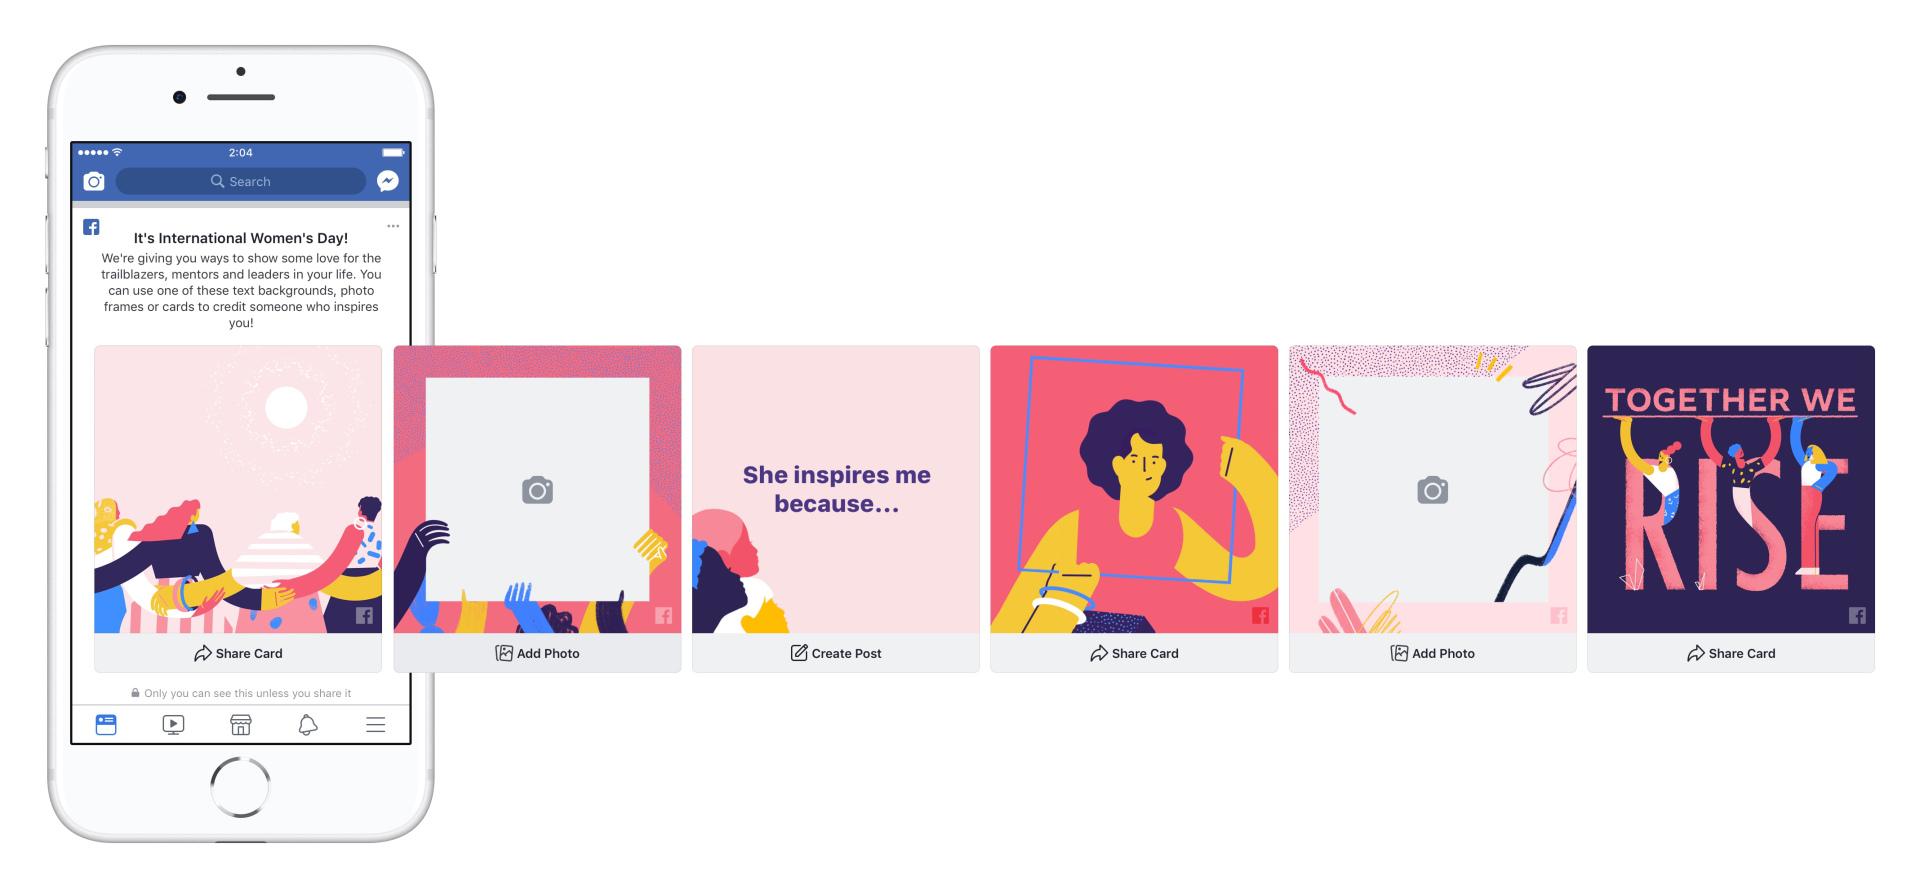 8 marzo, come Facebook festeggia la giornata internazionale delle donne